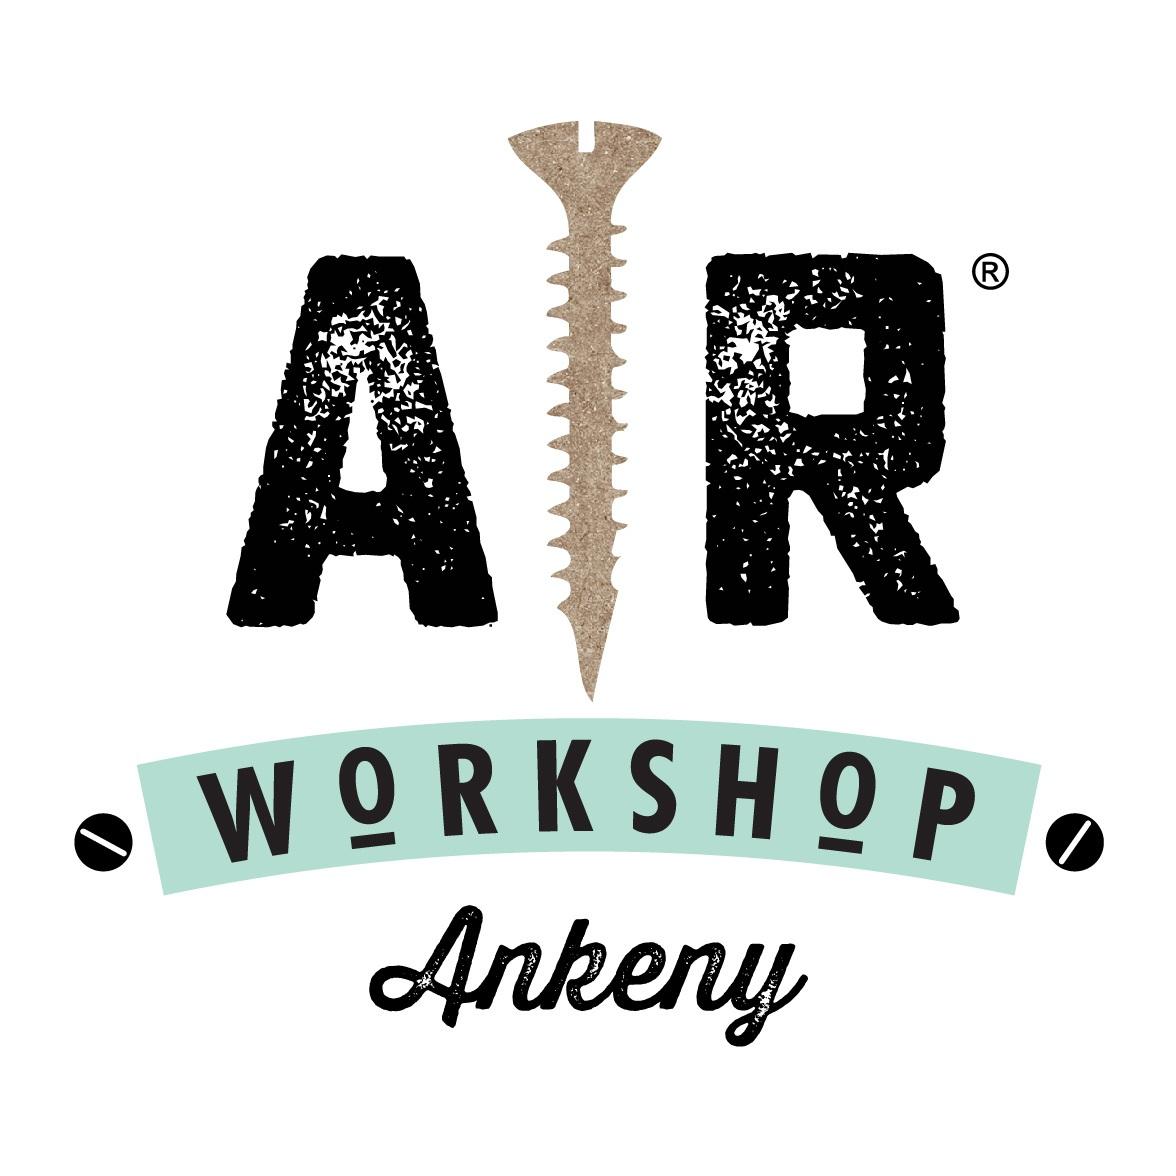 arw-r-logo-Ankeny-01.jpg